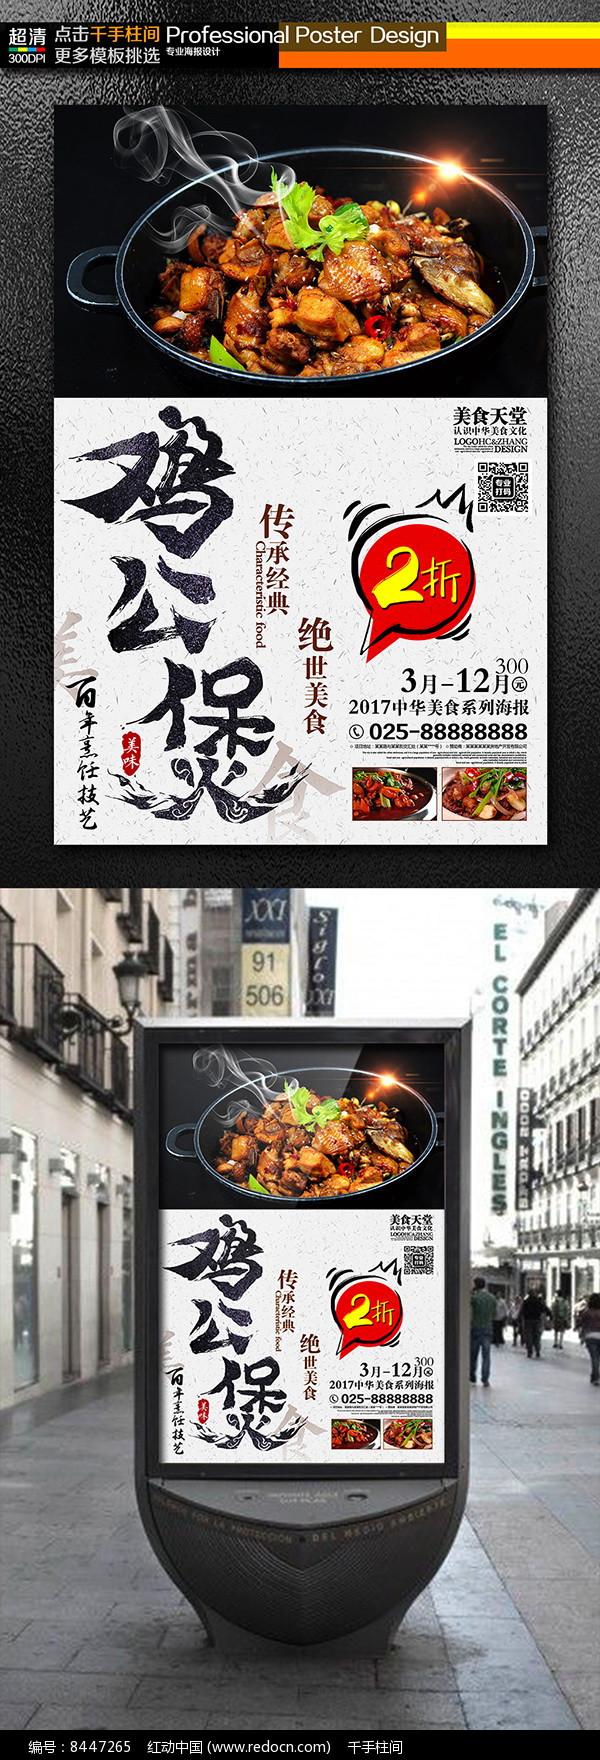 原创设计稿 海报设计/宣传单/广告牌 海报设计 鸡公煲食堂快餐店餐厅